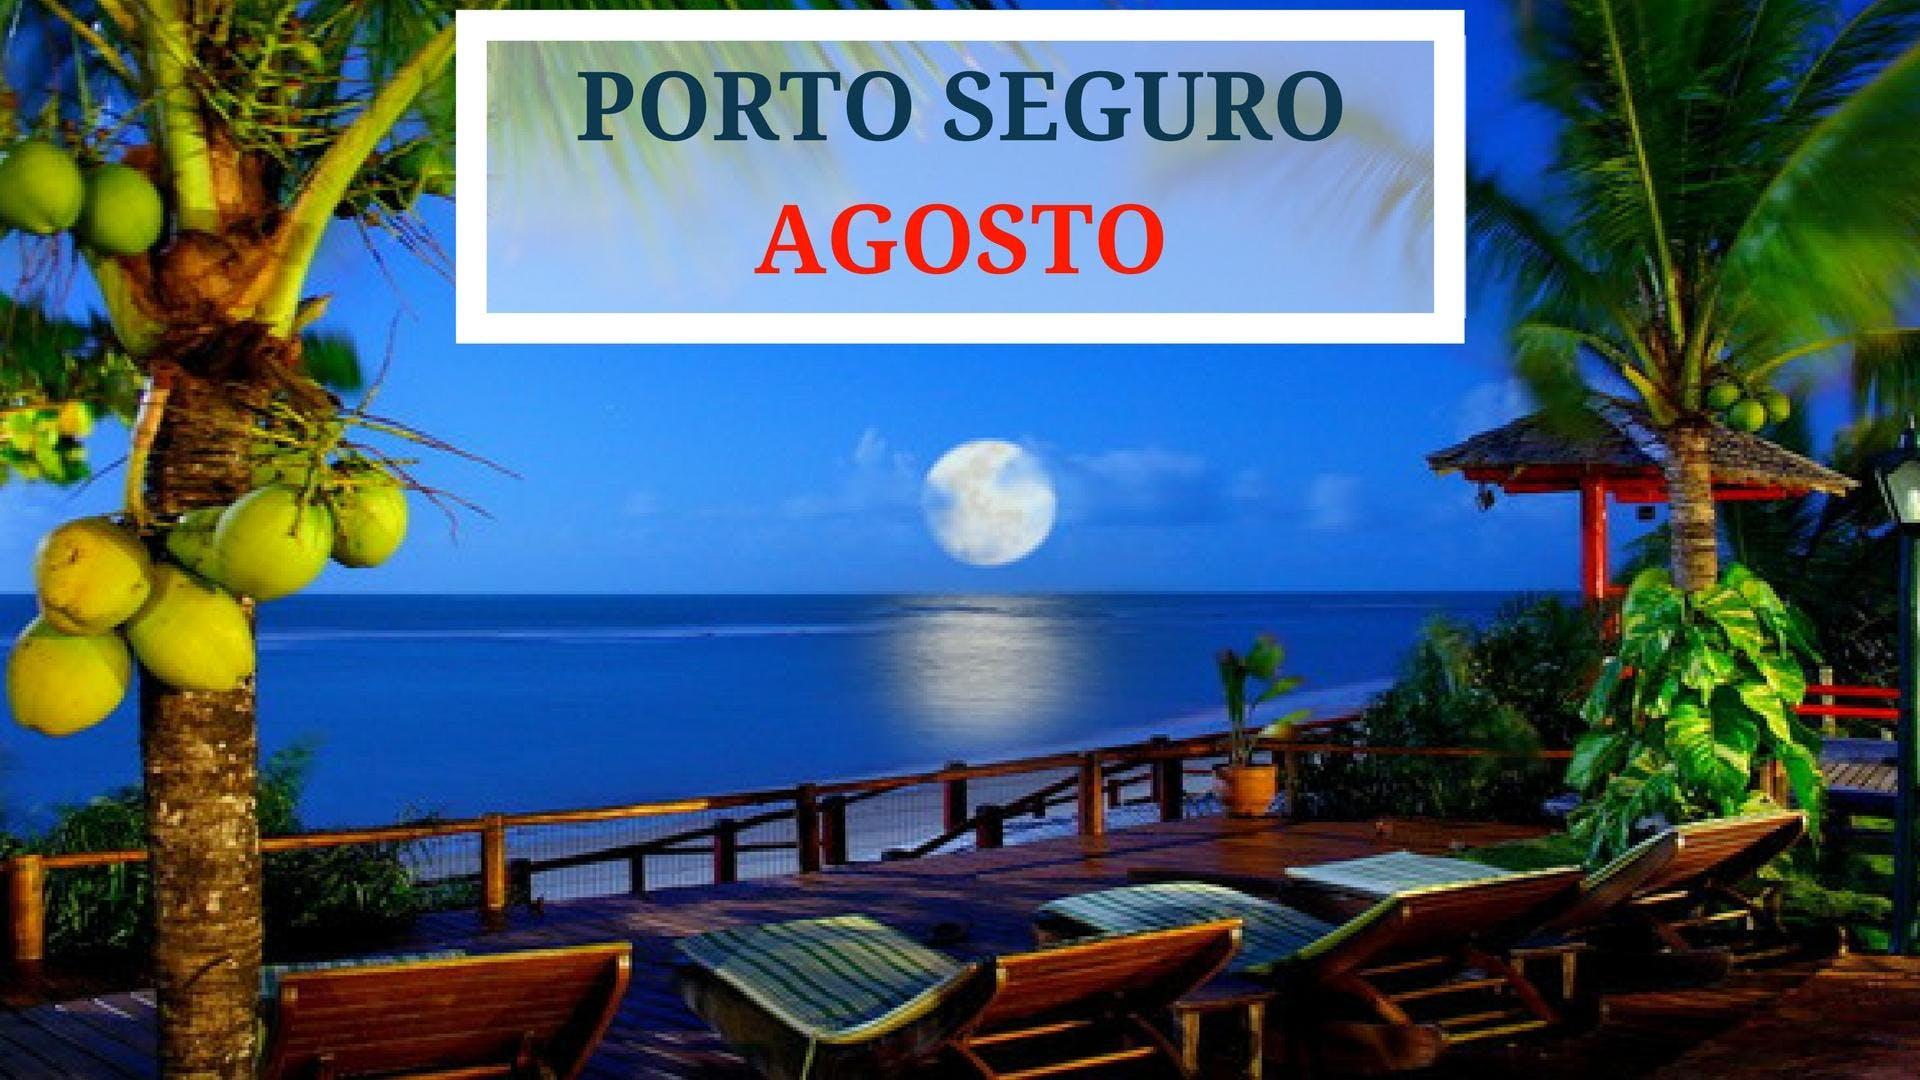 EXCURSÃO PORTO SEGURO (15/08 a 21/08)